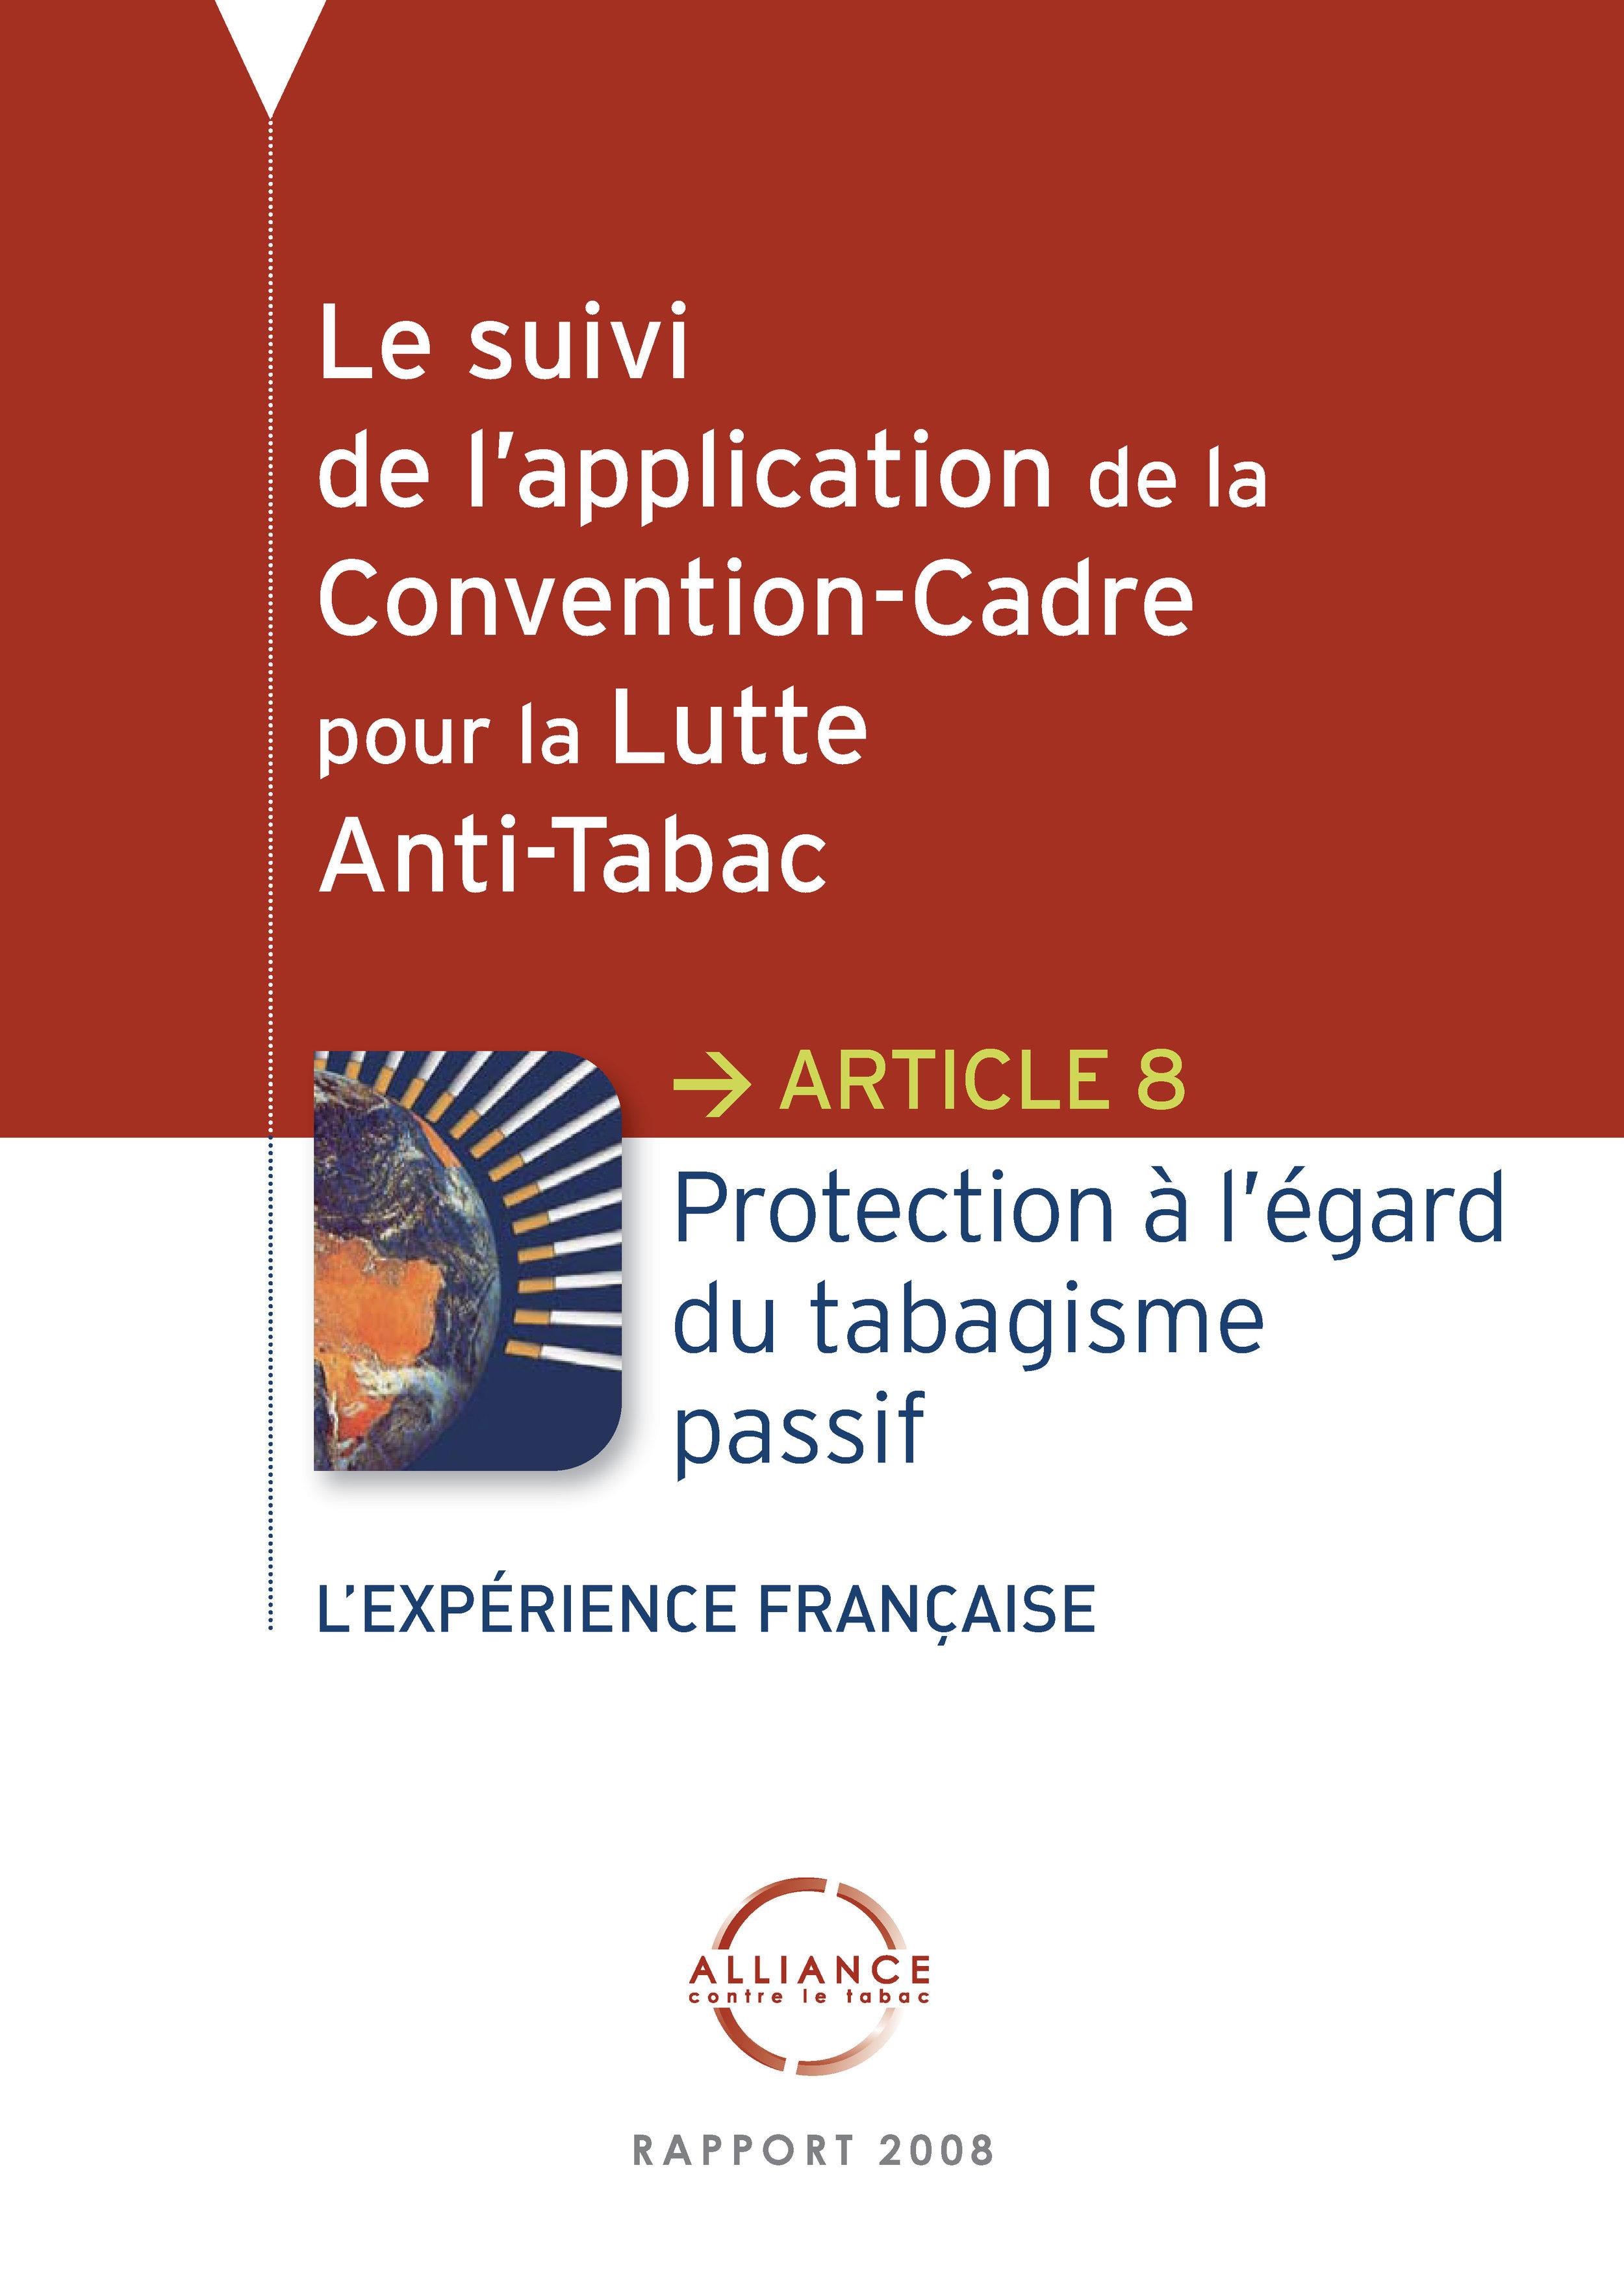 ACT_Suivi_-applicationCCLAT-france-art8_FR_Page_01.jpg